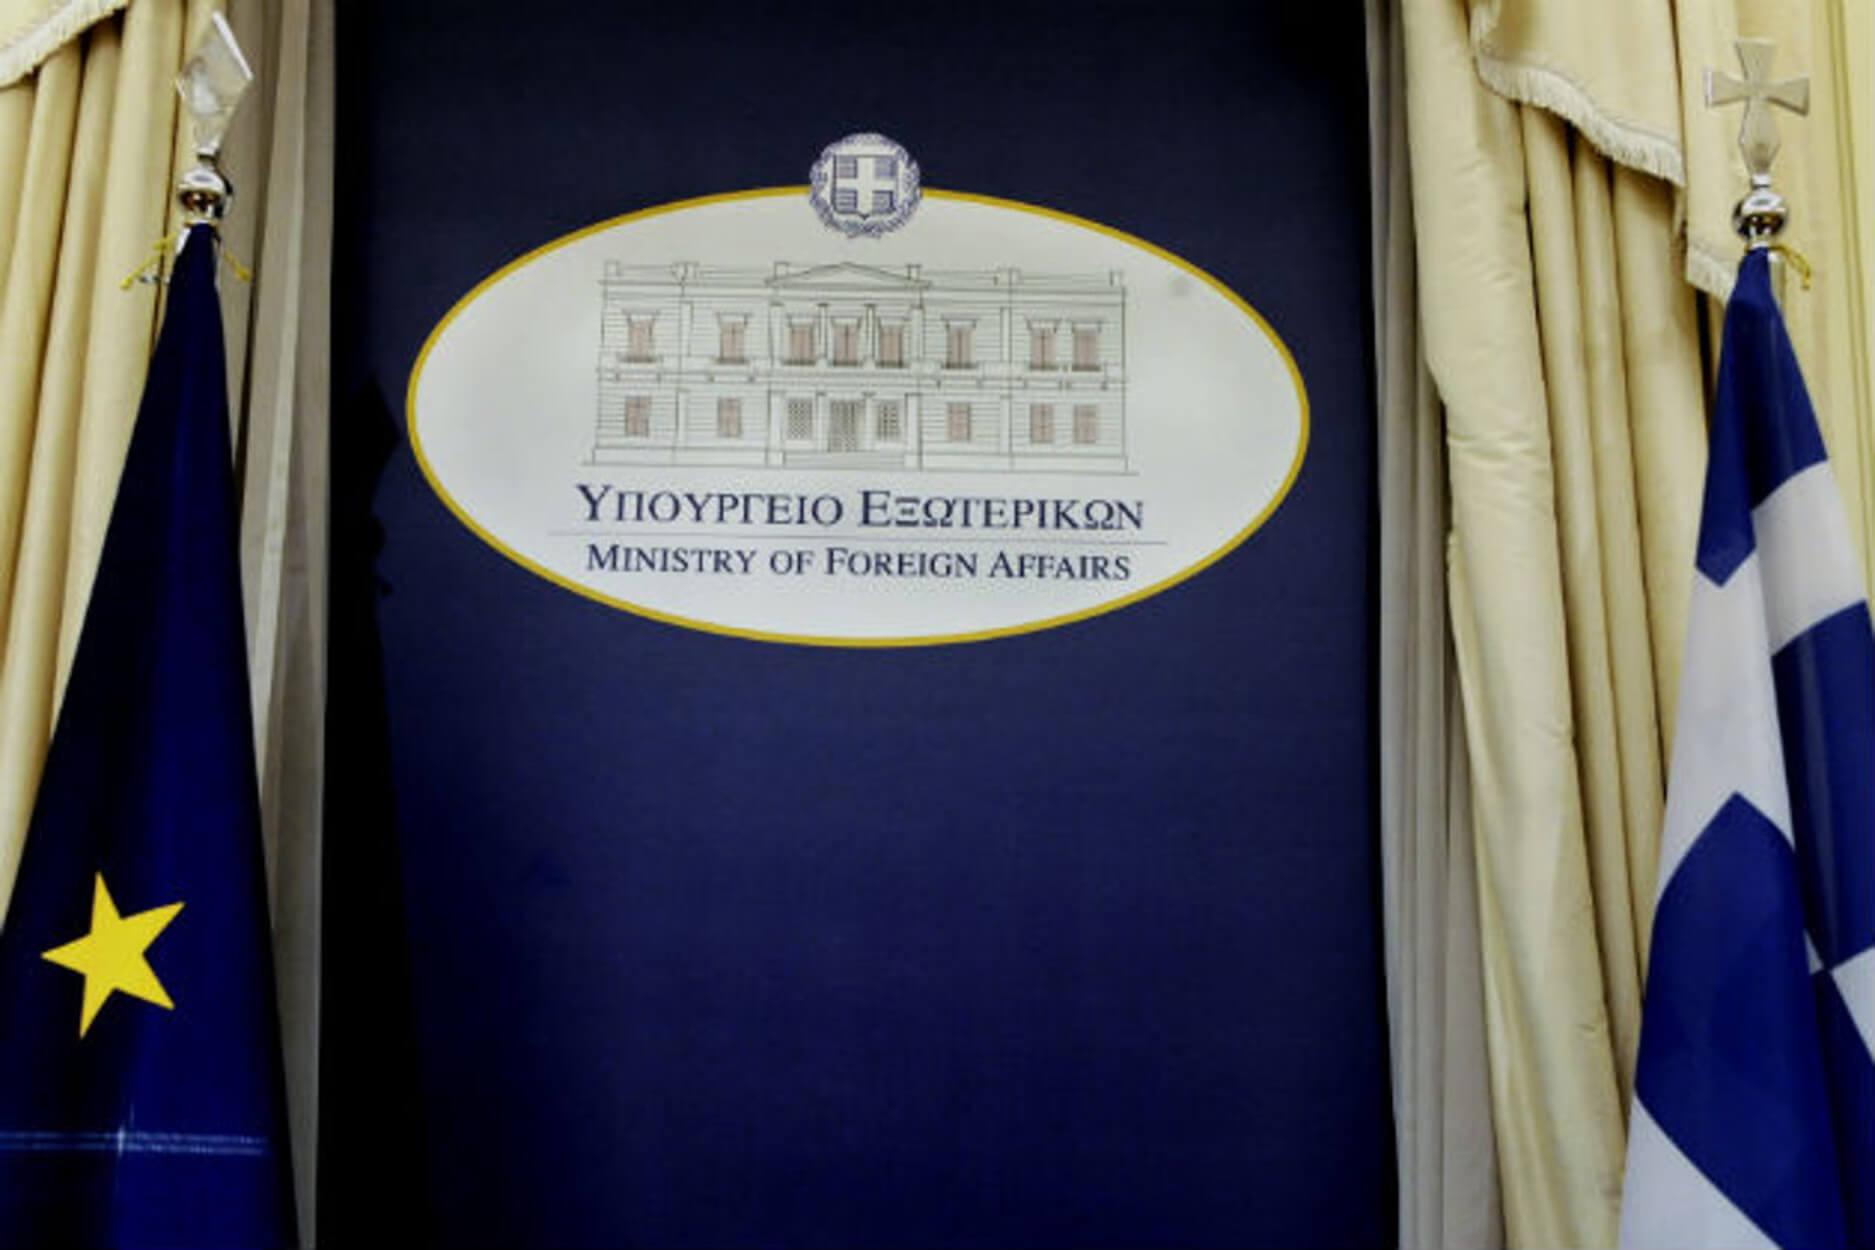 Ελληνικό υπ. Εξωτερικών: Να αφεθεί άμεσα ελεύθερη η κυβέρνηση της Μιανμάρ